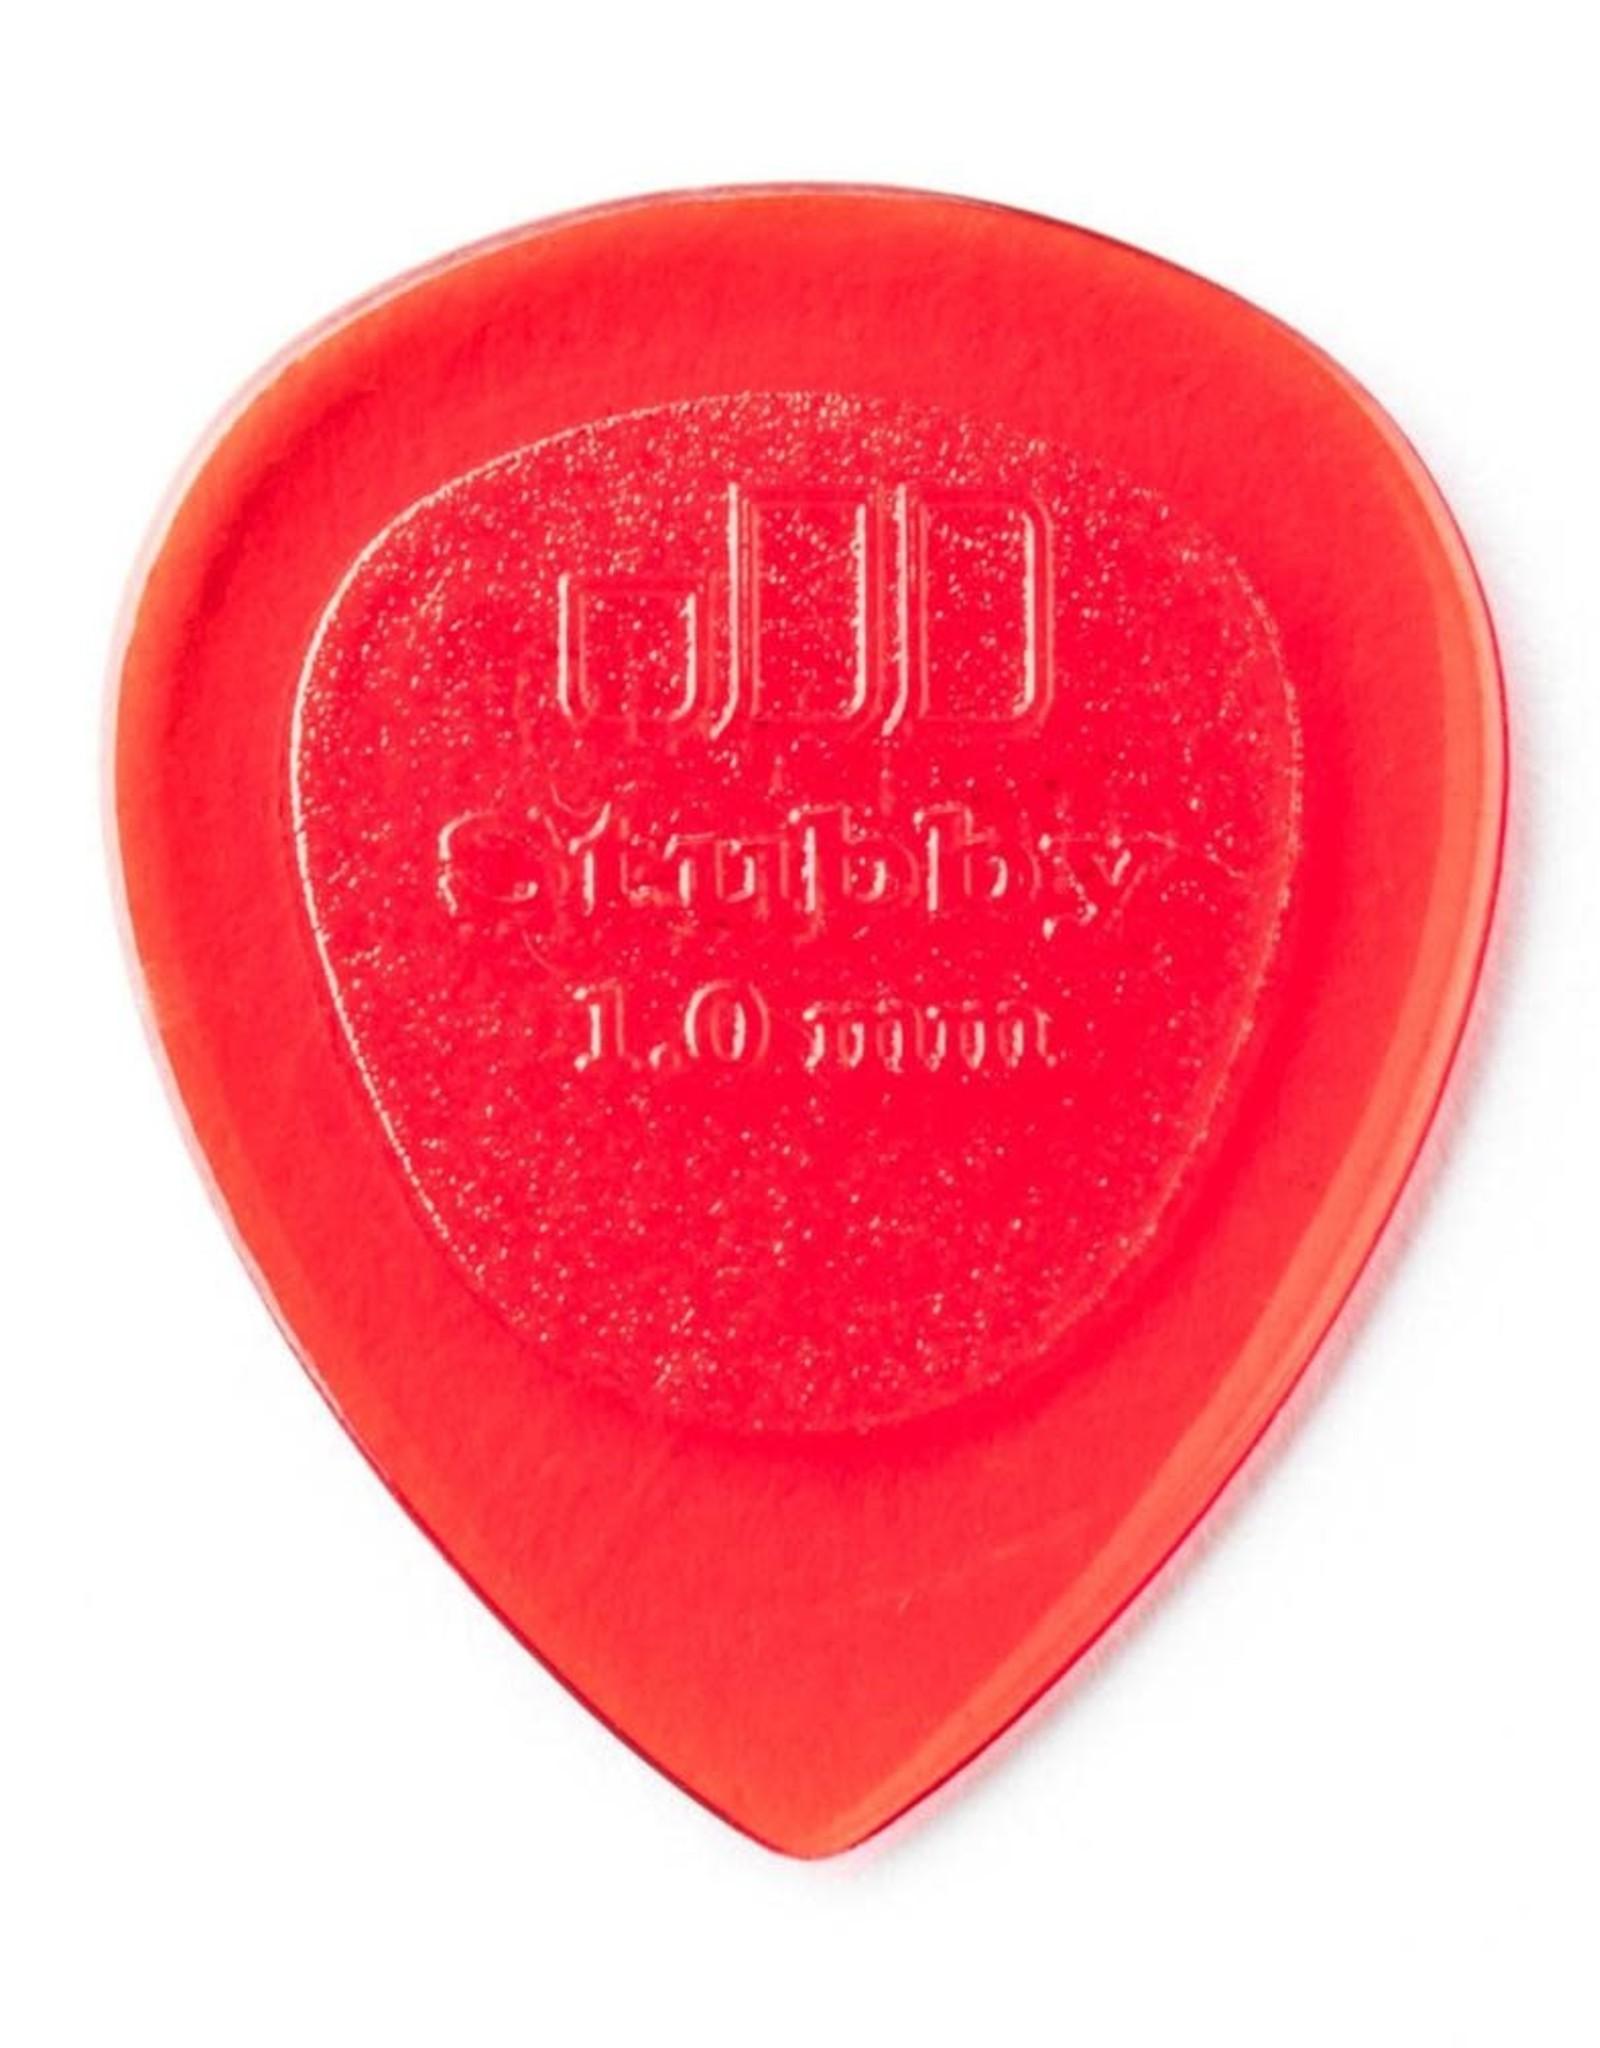 Dunlop Dunlop Stubby 1.0mm Pick - 6 Pack